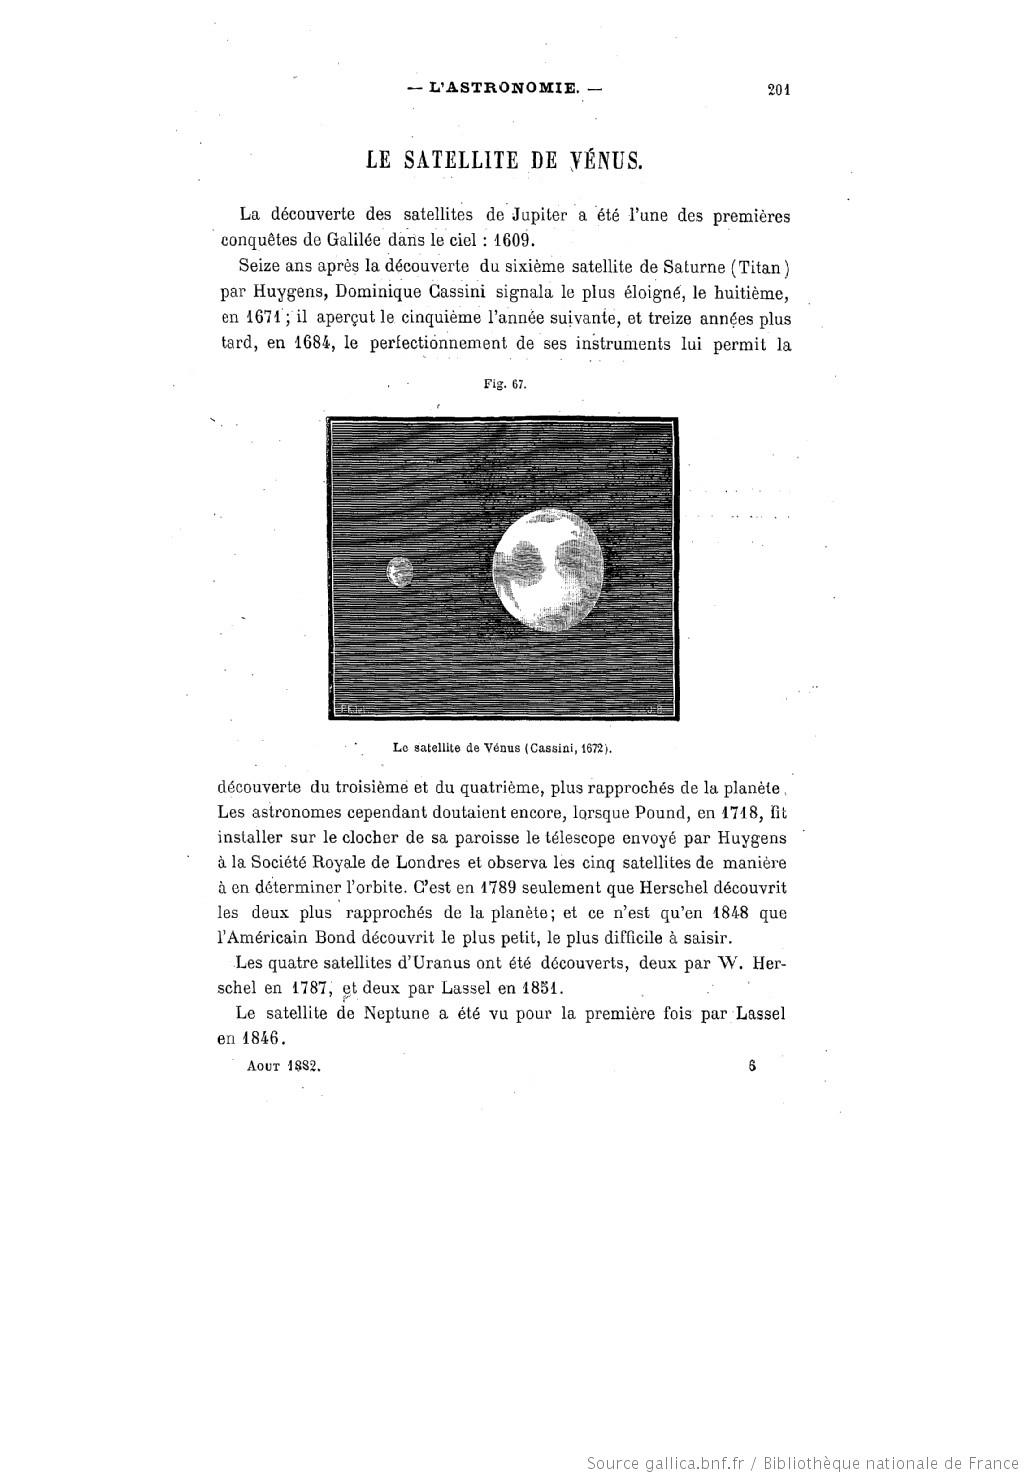 L'Astronomie_ _revue_d'astronomie_populaire_[...]Société_astronomique_bpt6k209637d_205.jpeg